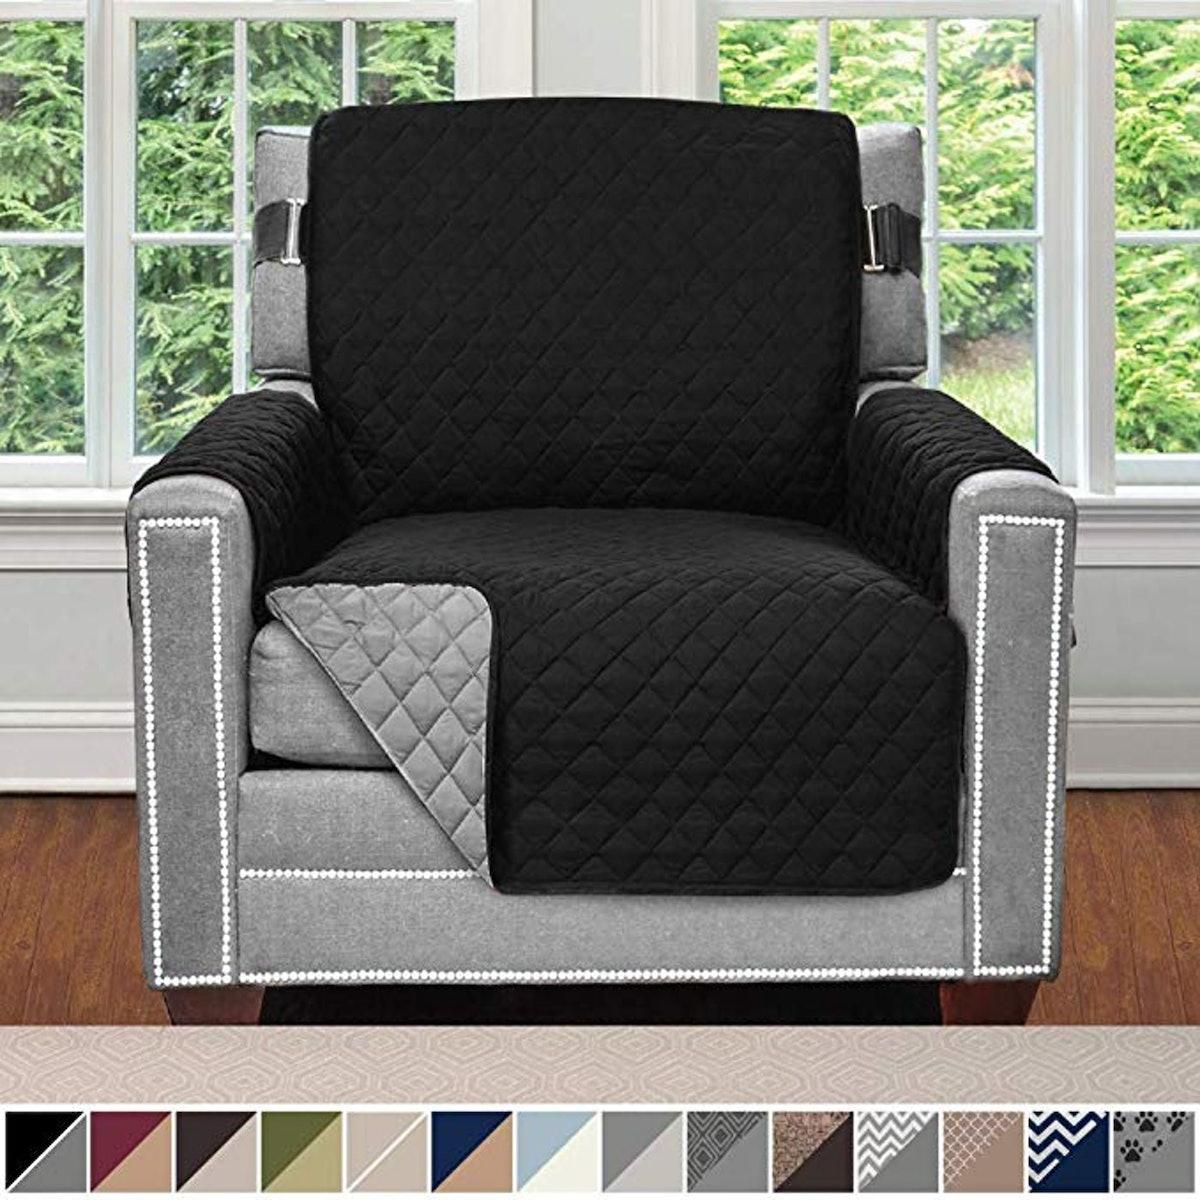 Sofa Shield Original Patent Pending Reversible Chair Slipcover